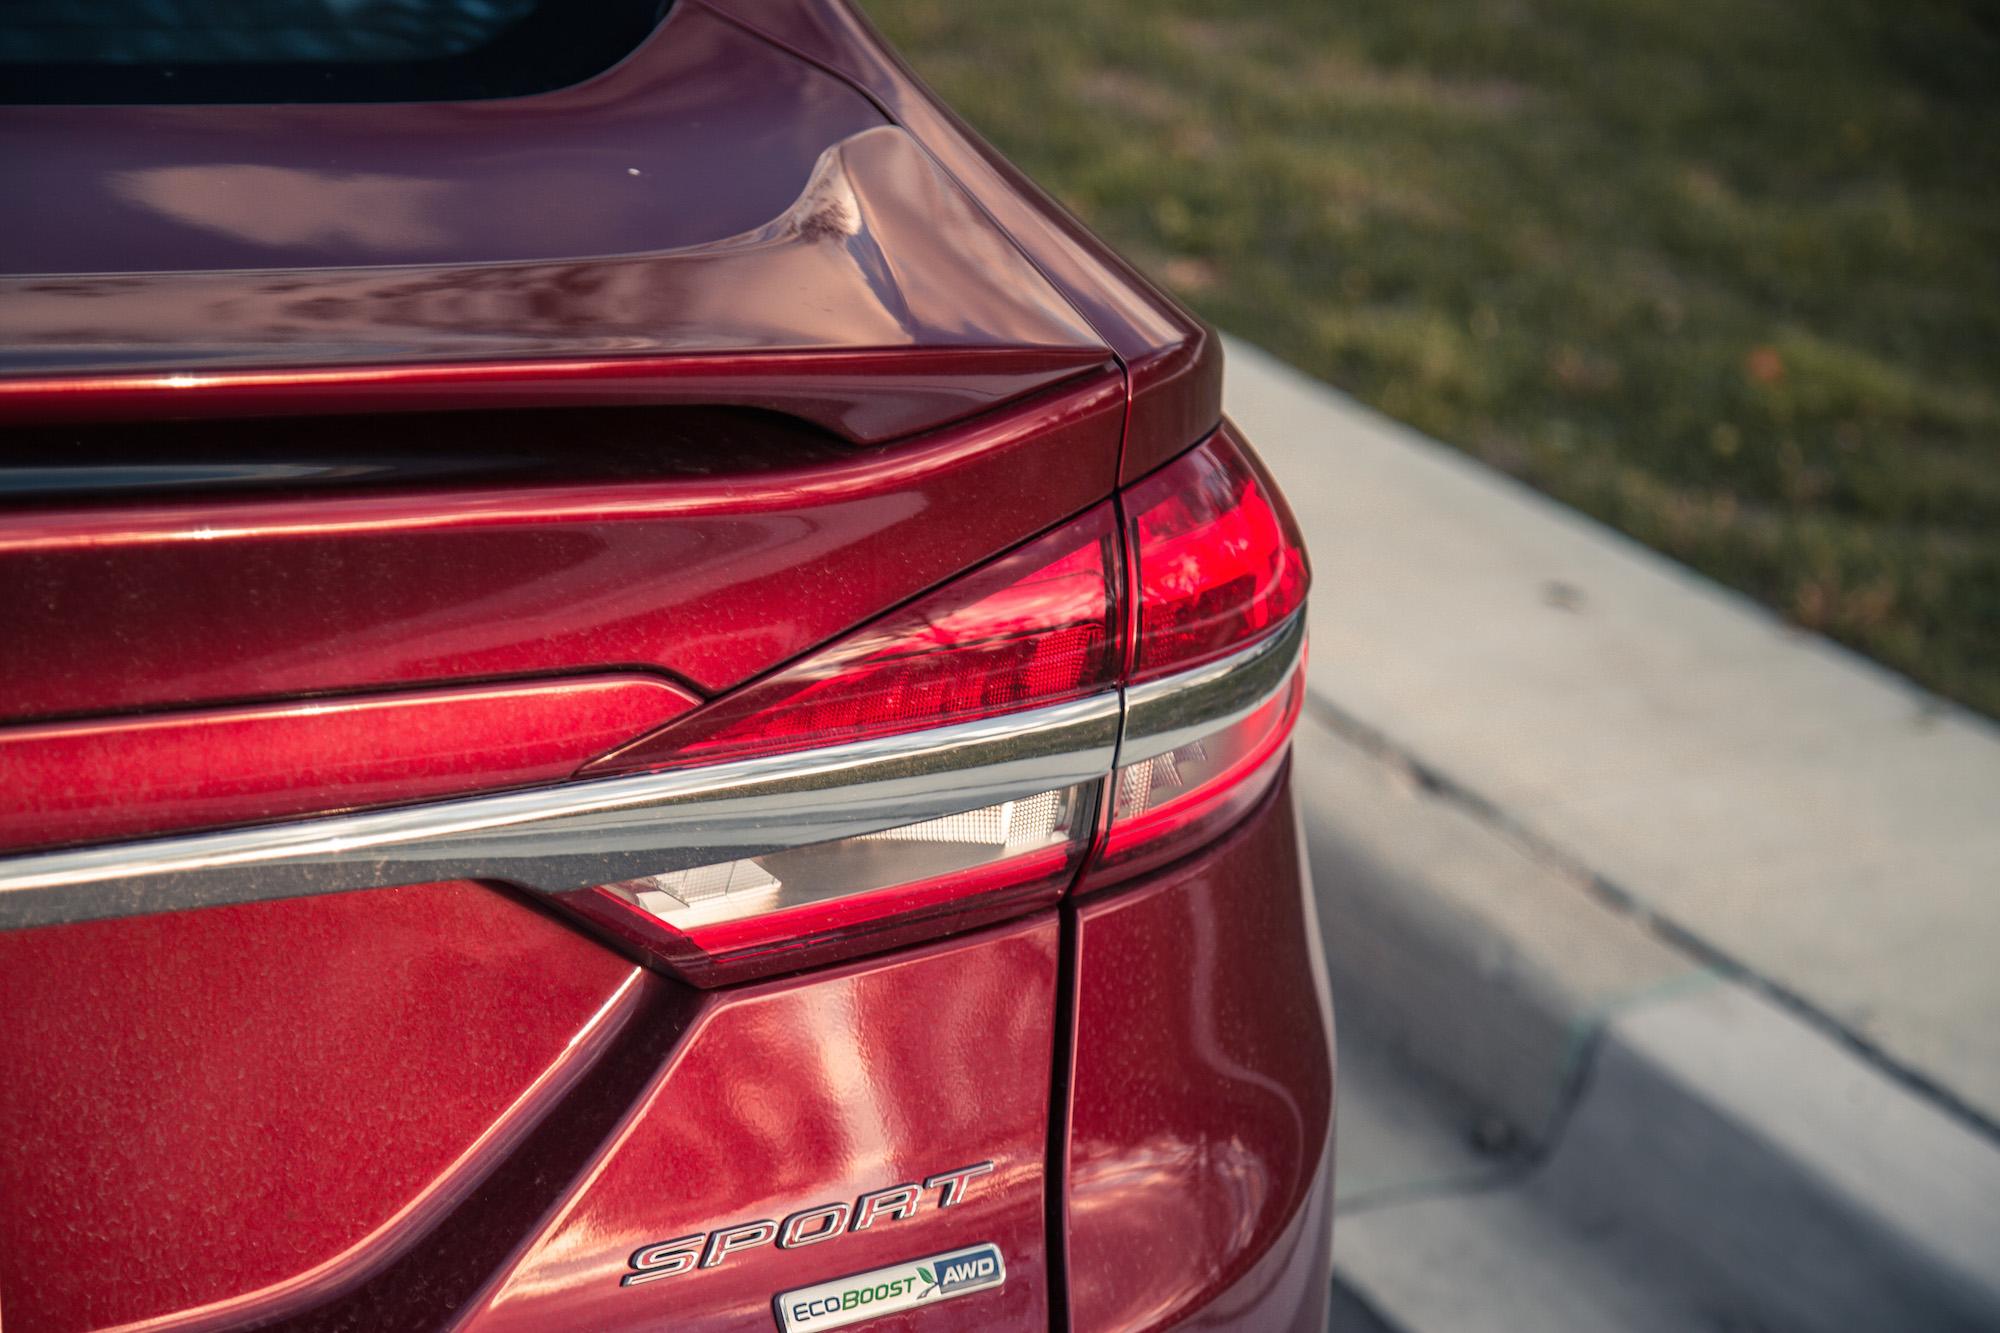 fusion ford sport v6 spoiler rear auto normal